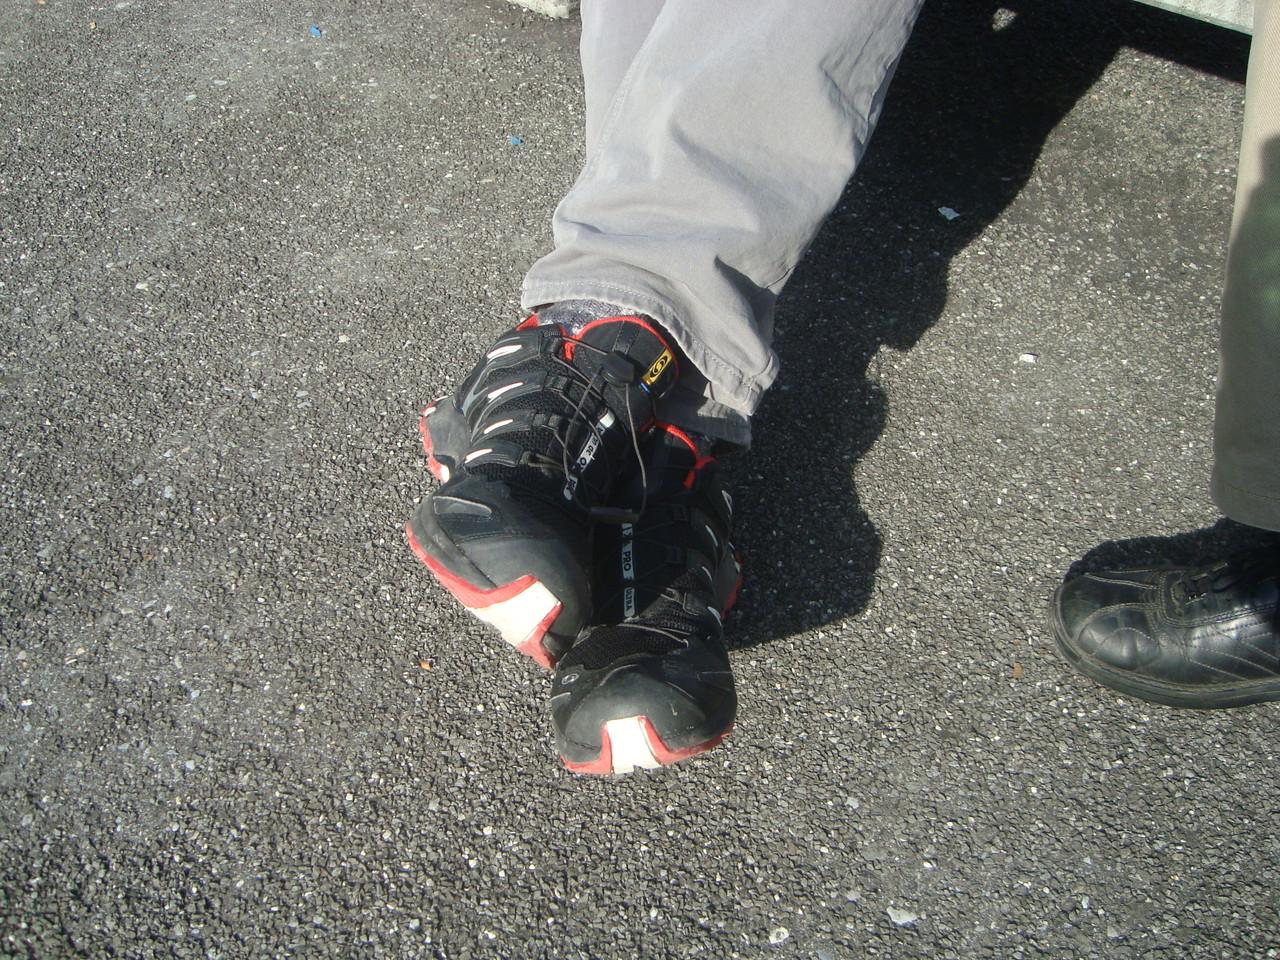 Schwarze Schuhe zur Uniform, sagt der Präsident. Wer trug Leuchtschuhe?